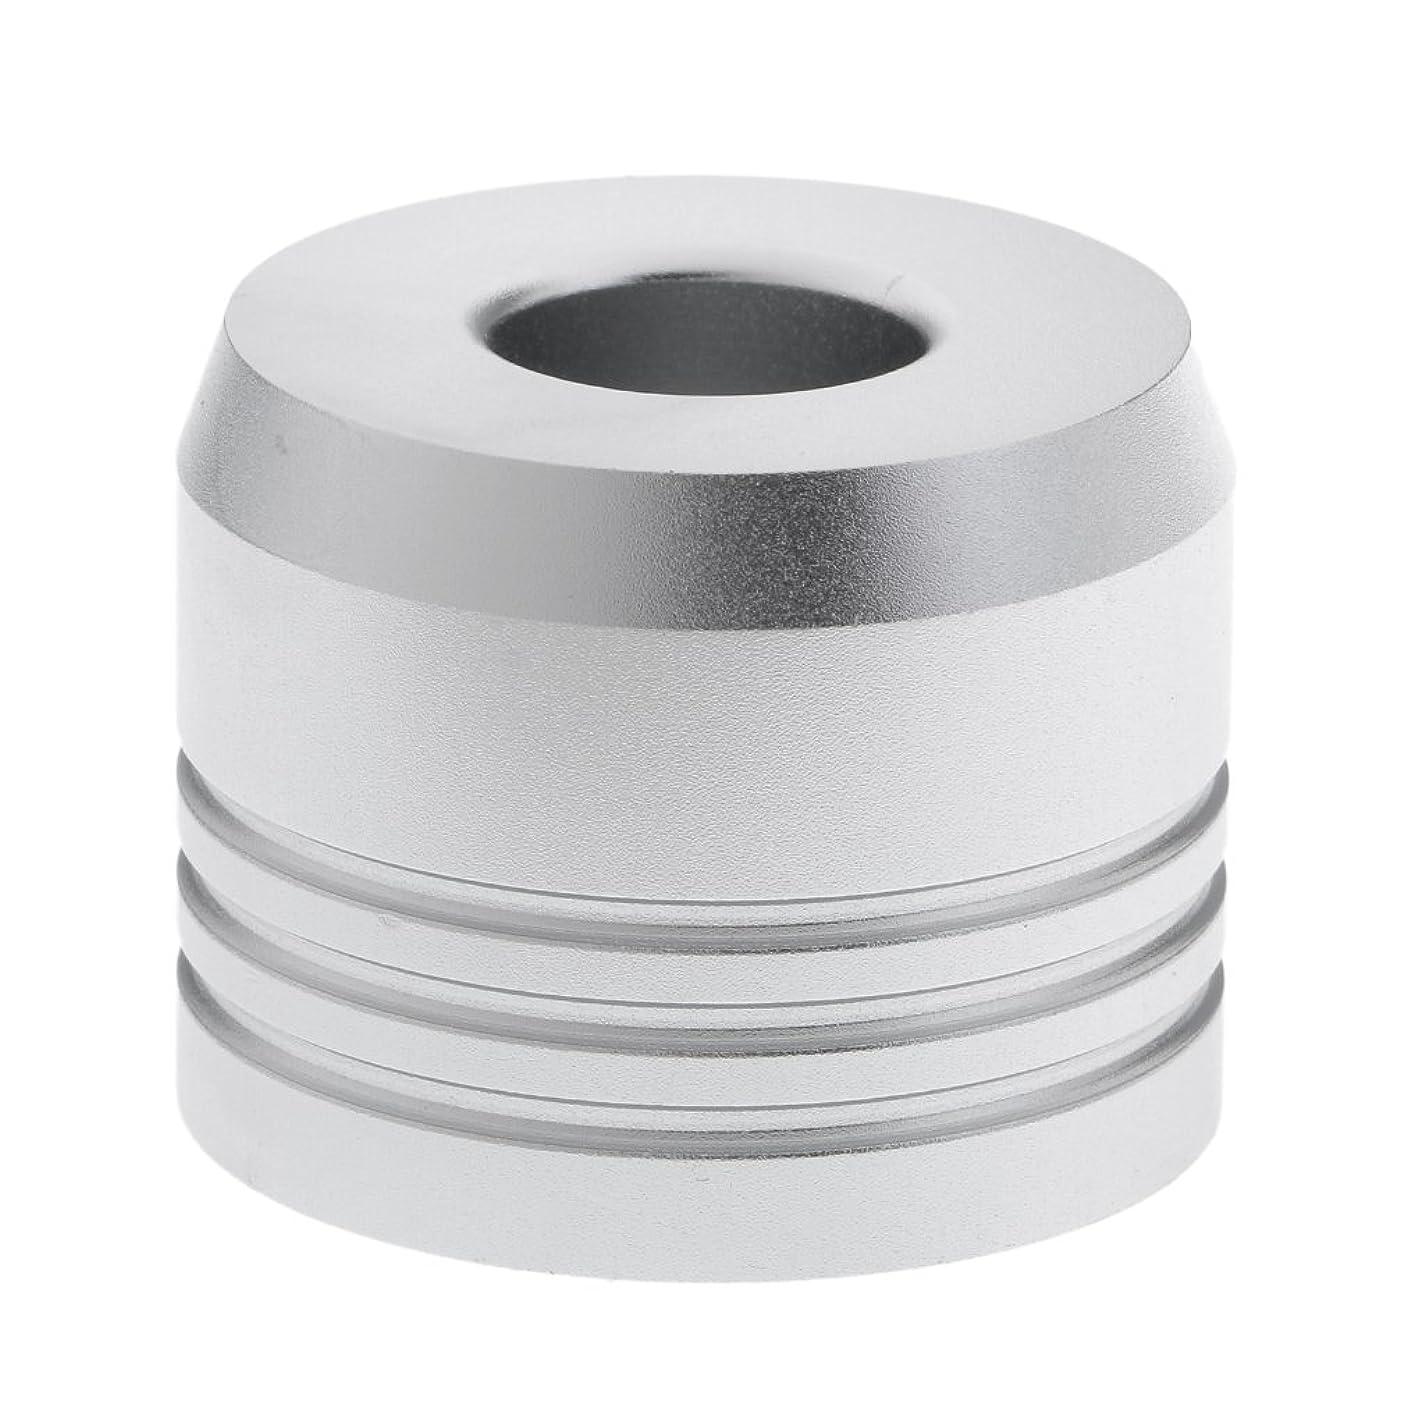 賢明な承認する積極的にBaosity カミソリスタンド スタンド シェービング カミソリホルダー ベース サポート 調節可 乾燥 高品質 2色選べ   - 銀